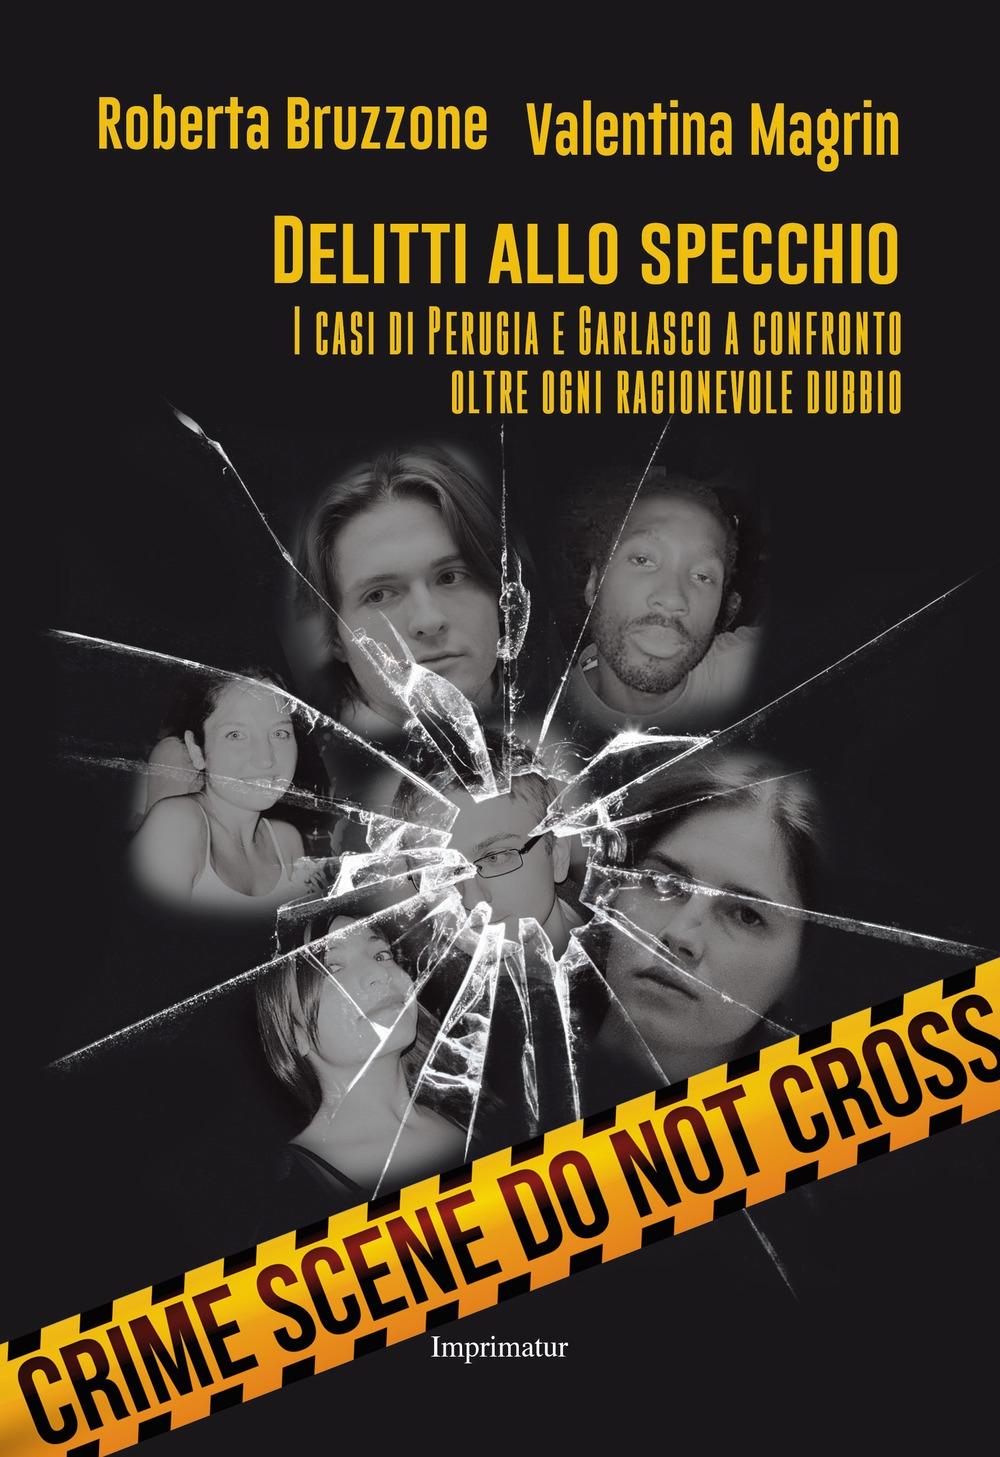 Delitti allo specchio. I casi di Perugia e Garlasco a confronto oltre ogni ragionevole dubbio